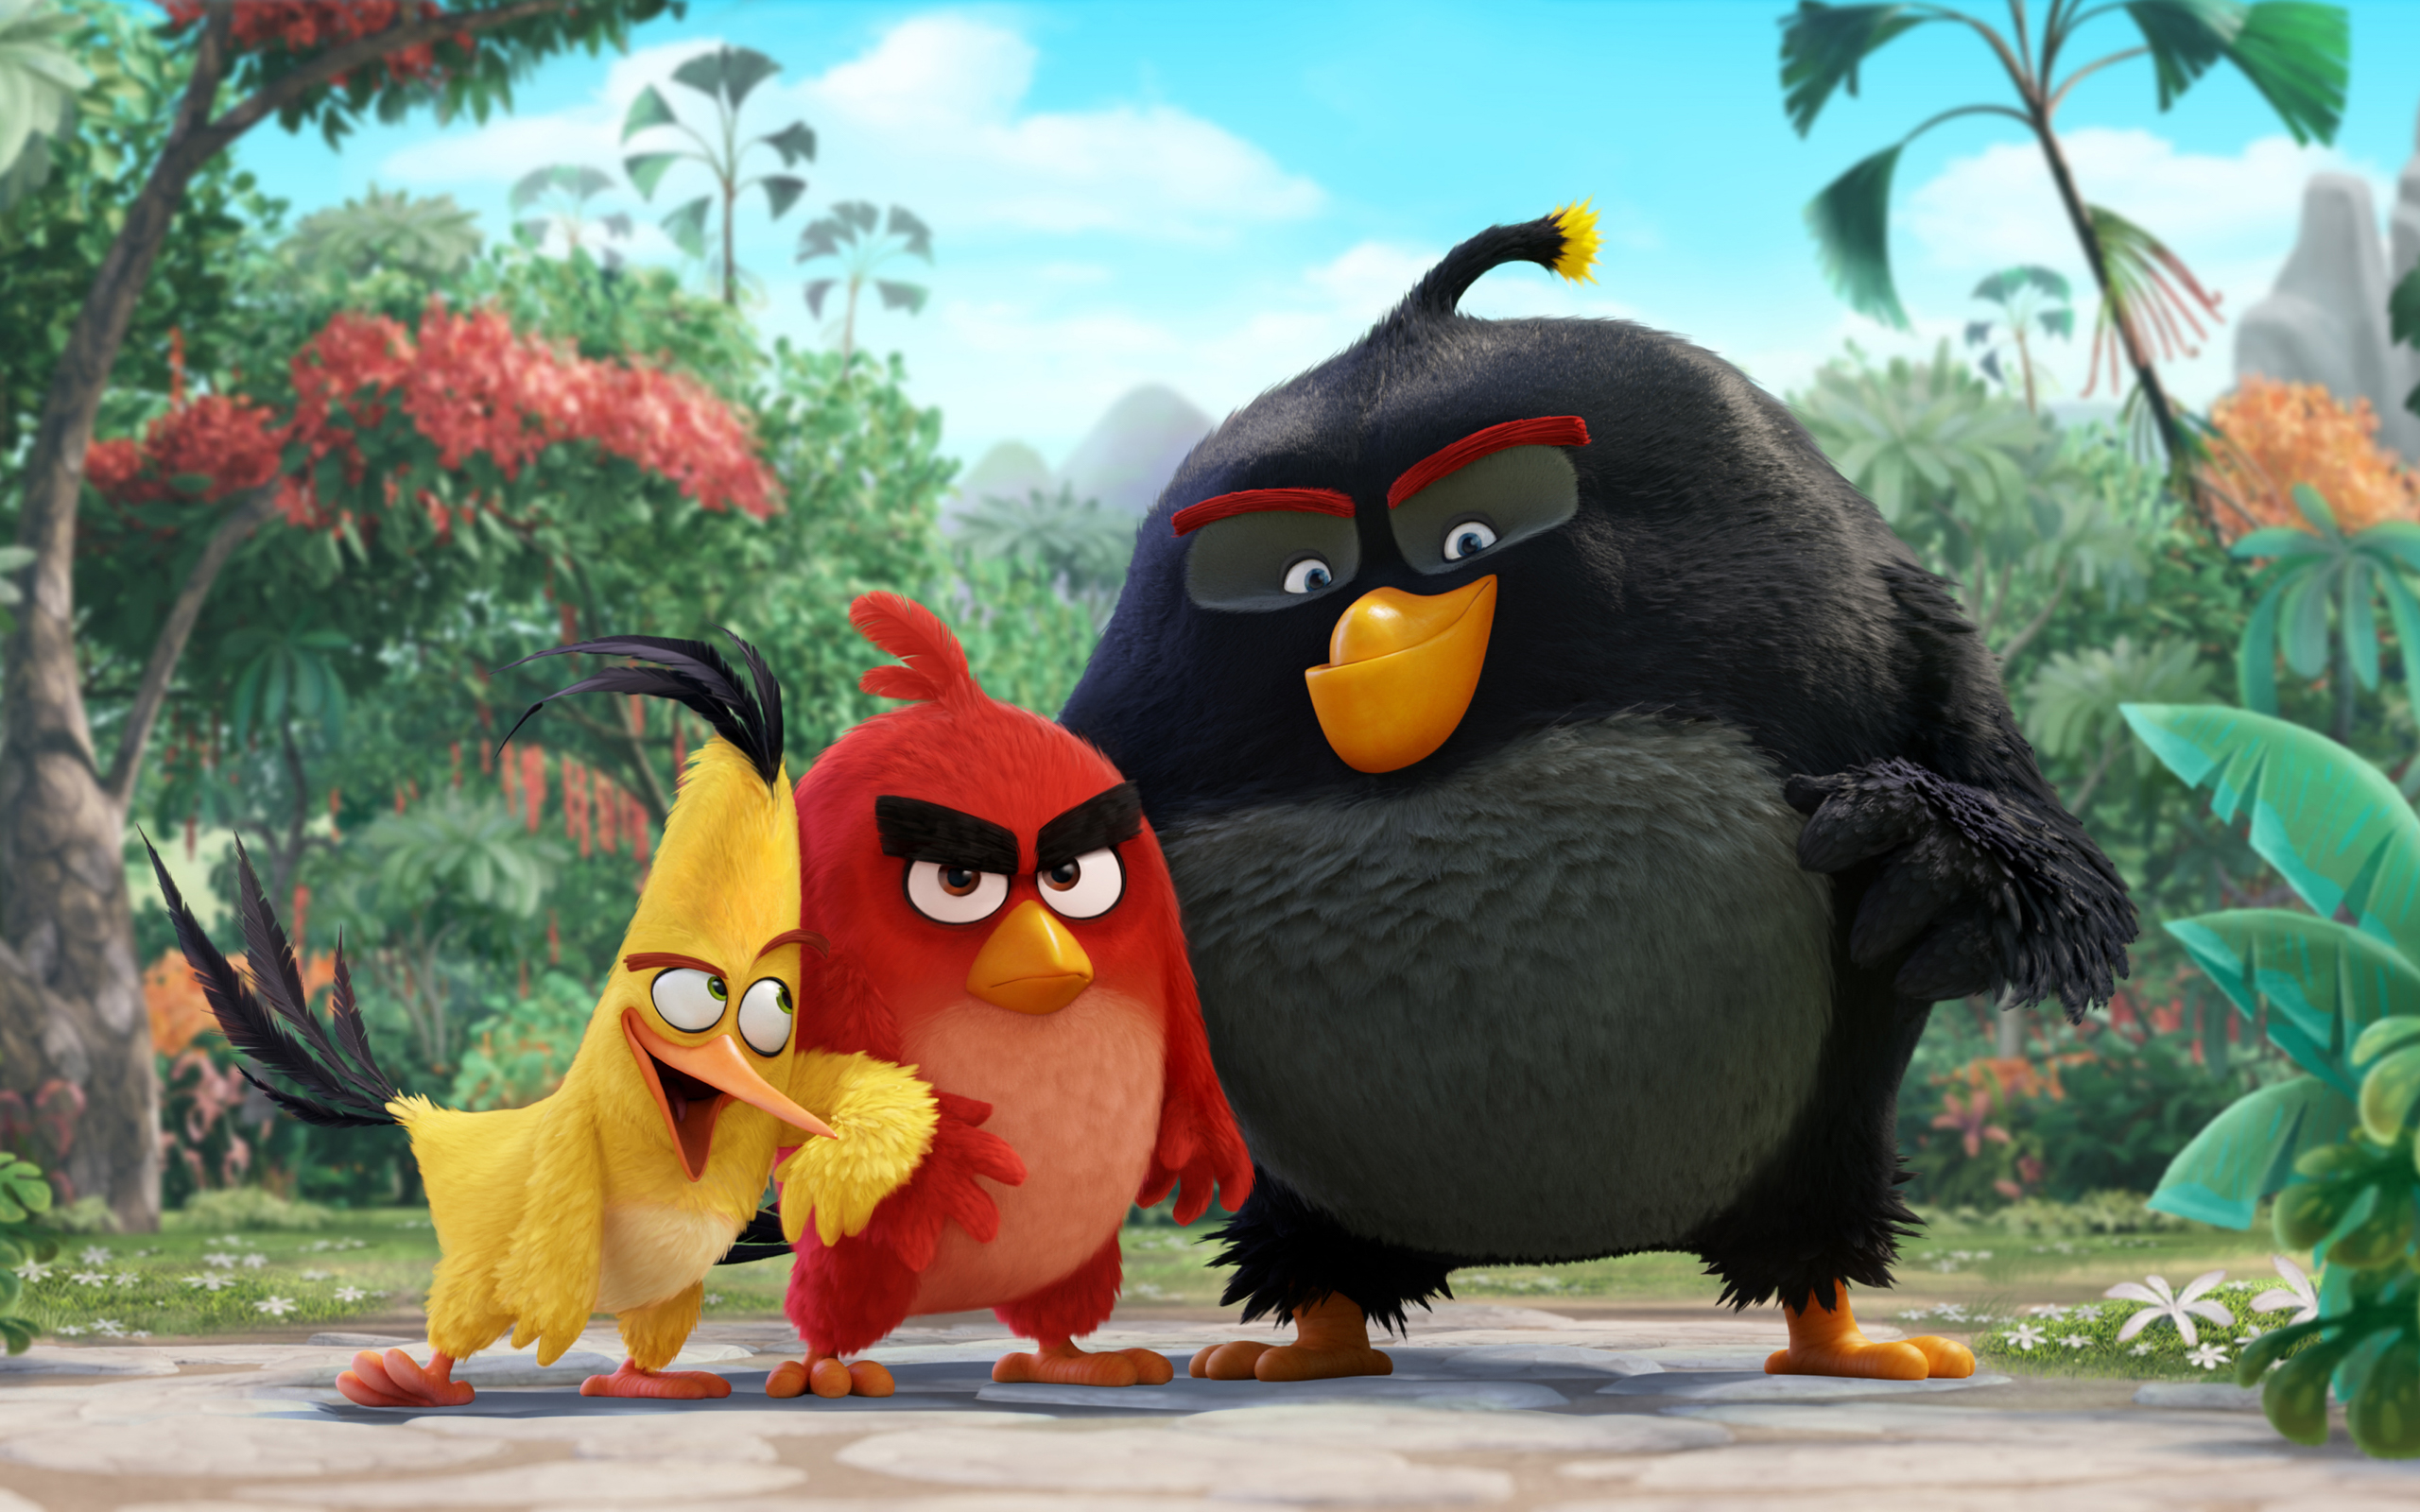 Птенец angry birds в кино обои для рабочего стола, картинки и фото.